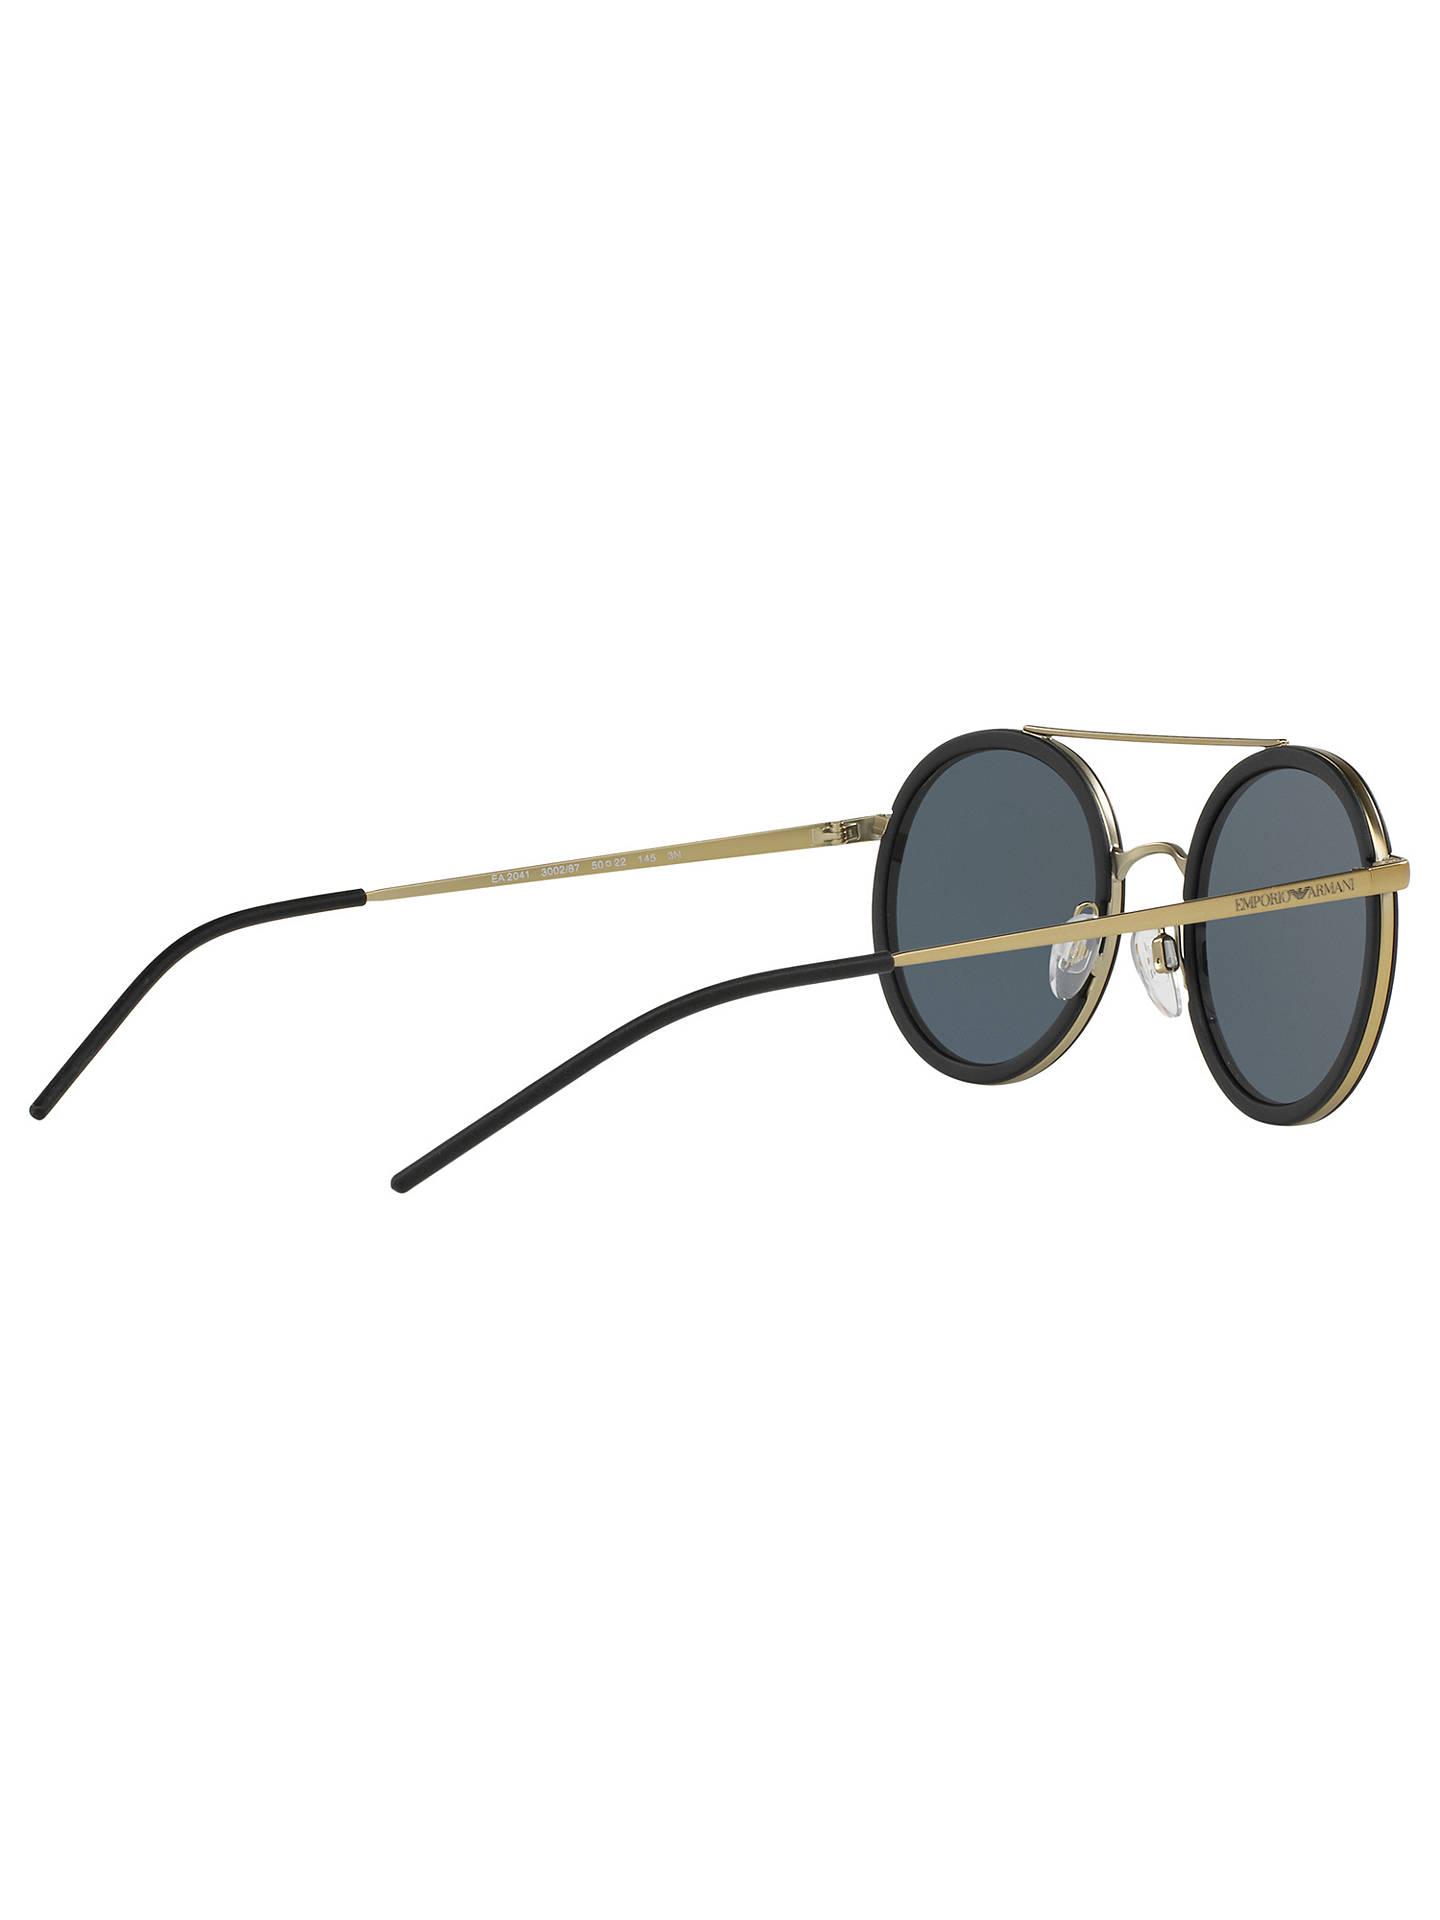 7103b9a188a ... Buy Emporio Armani EA2041 Round Sunglasses